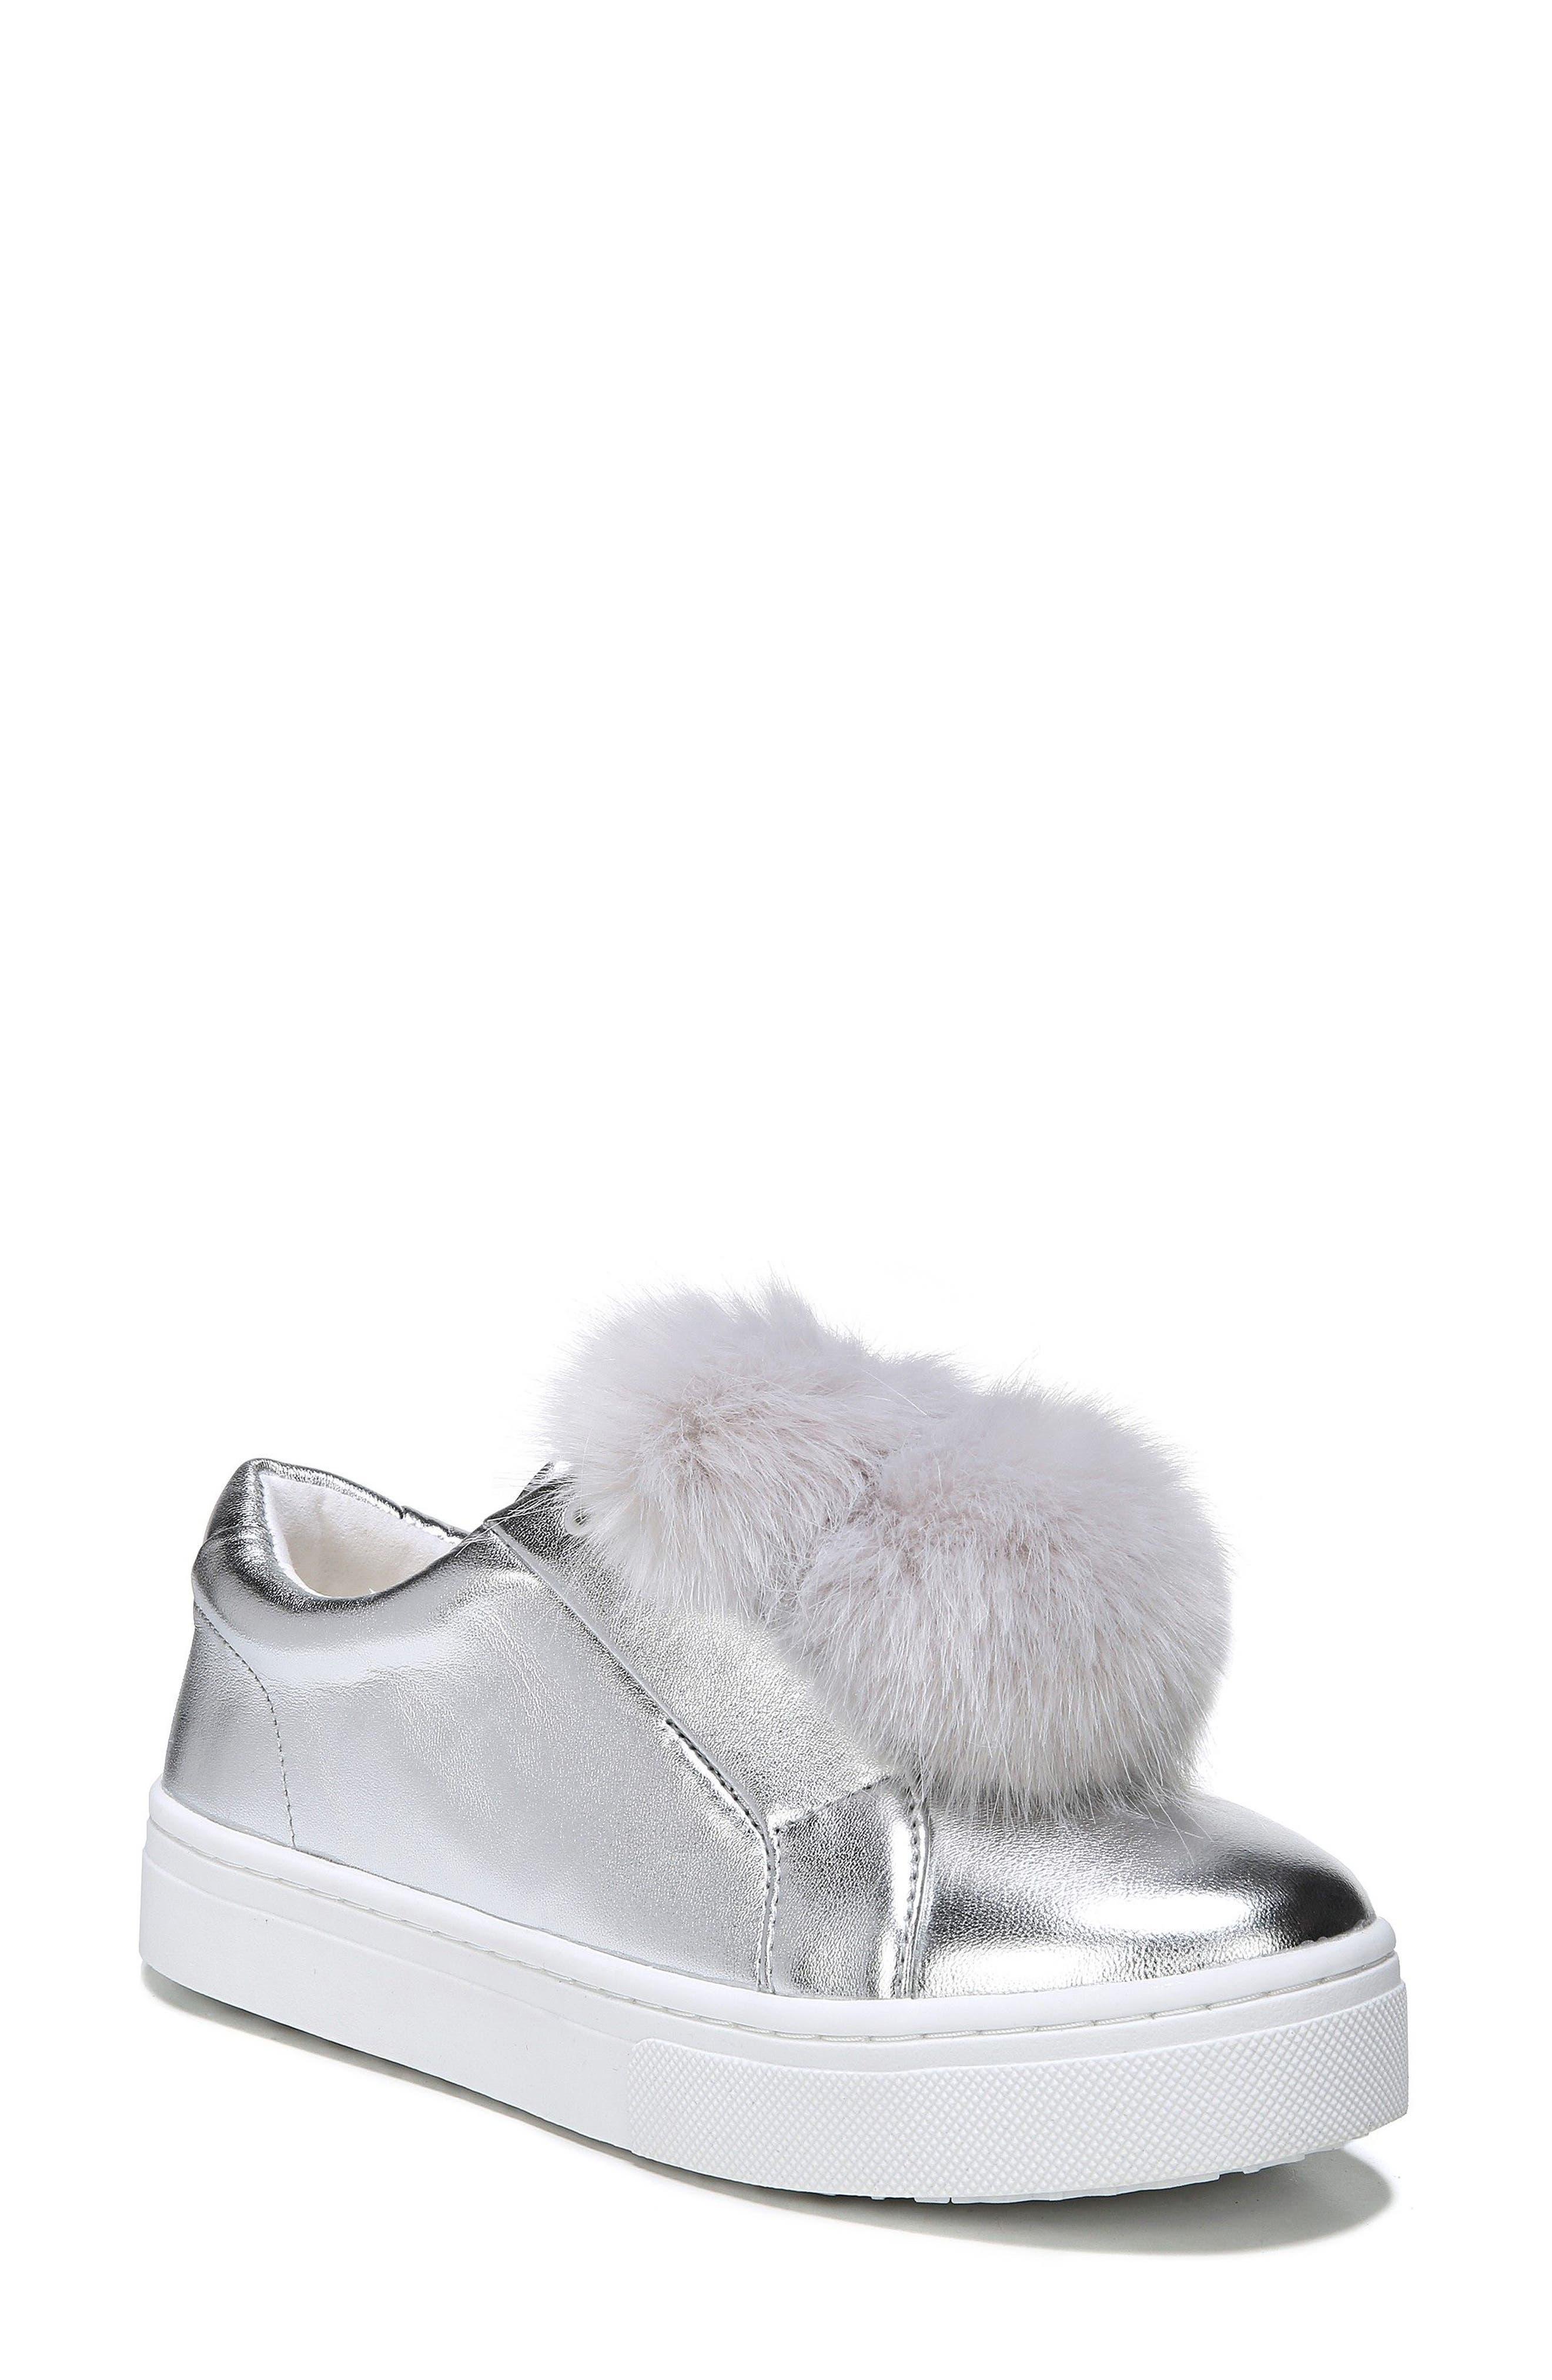 Main Image - Sam Edelman 'Leya' Faux Fur Laceless Sneaker (Women)